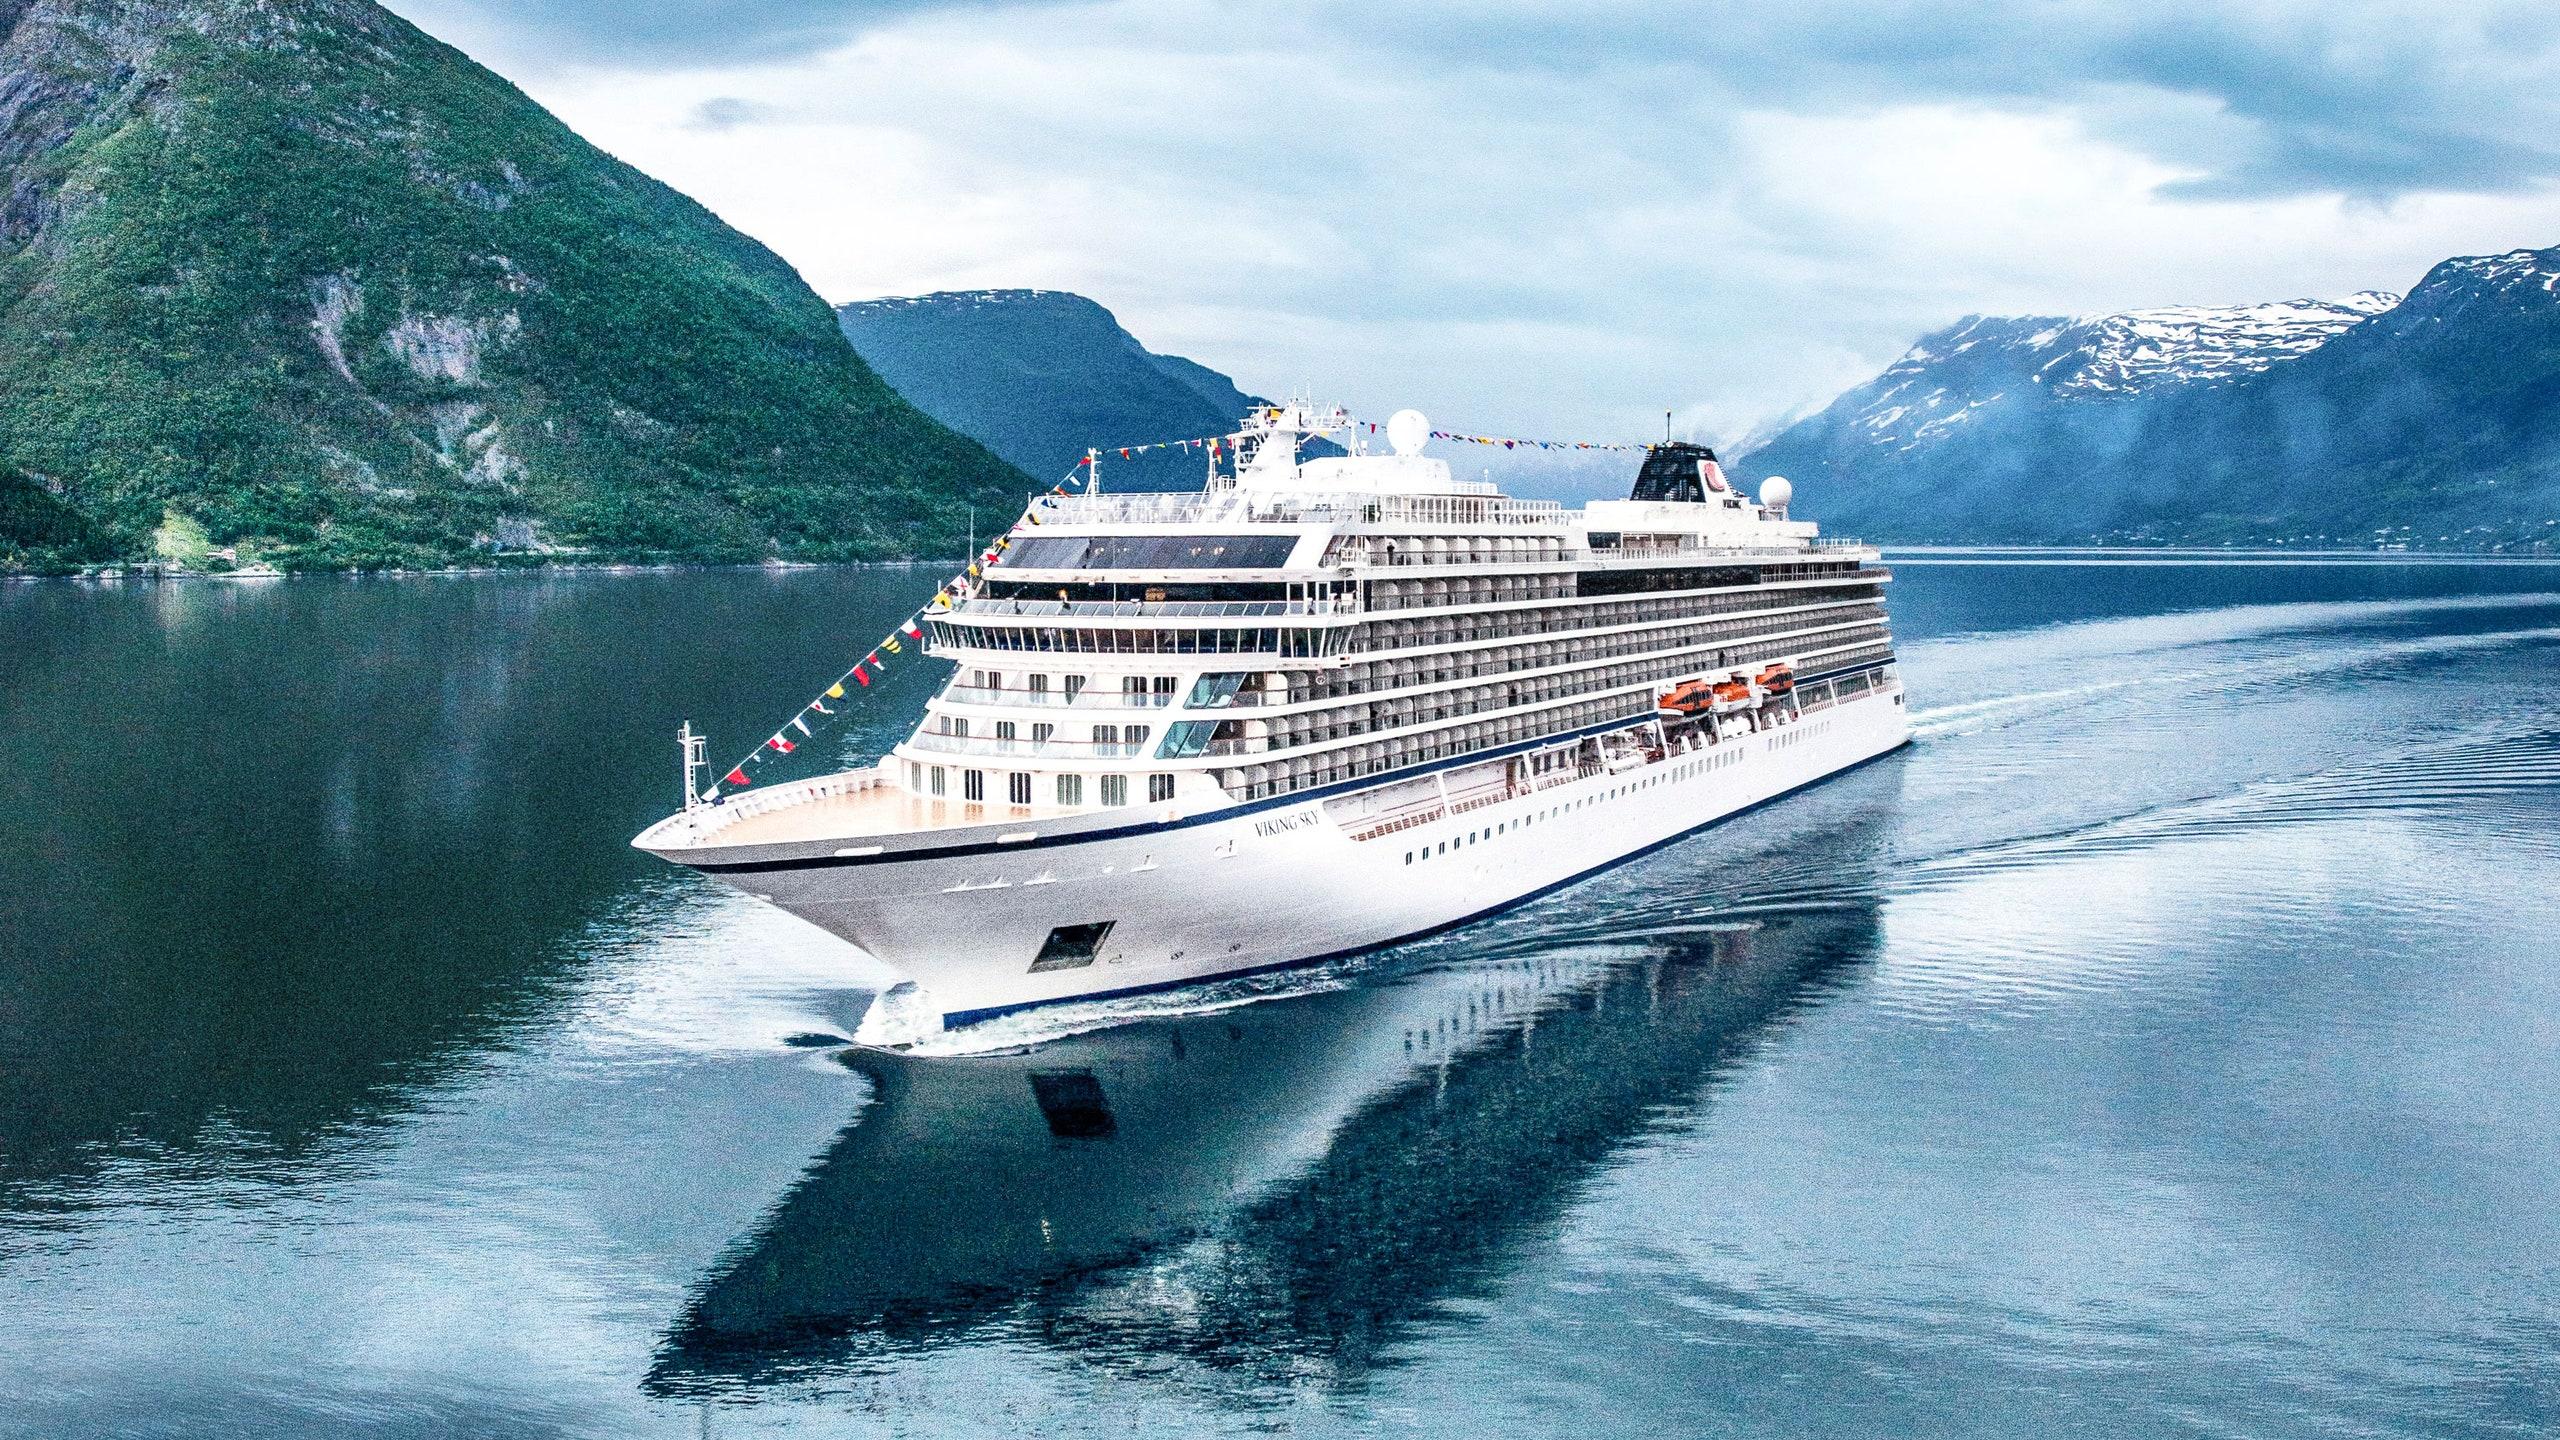 Coronavirus Travels And Cruising With Viking